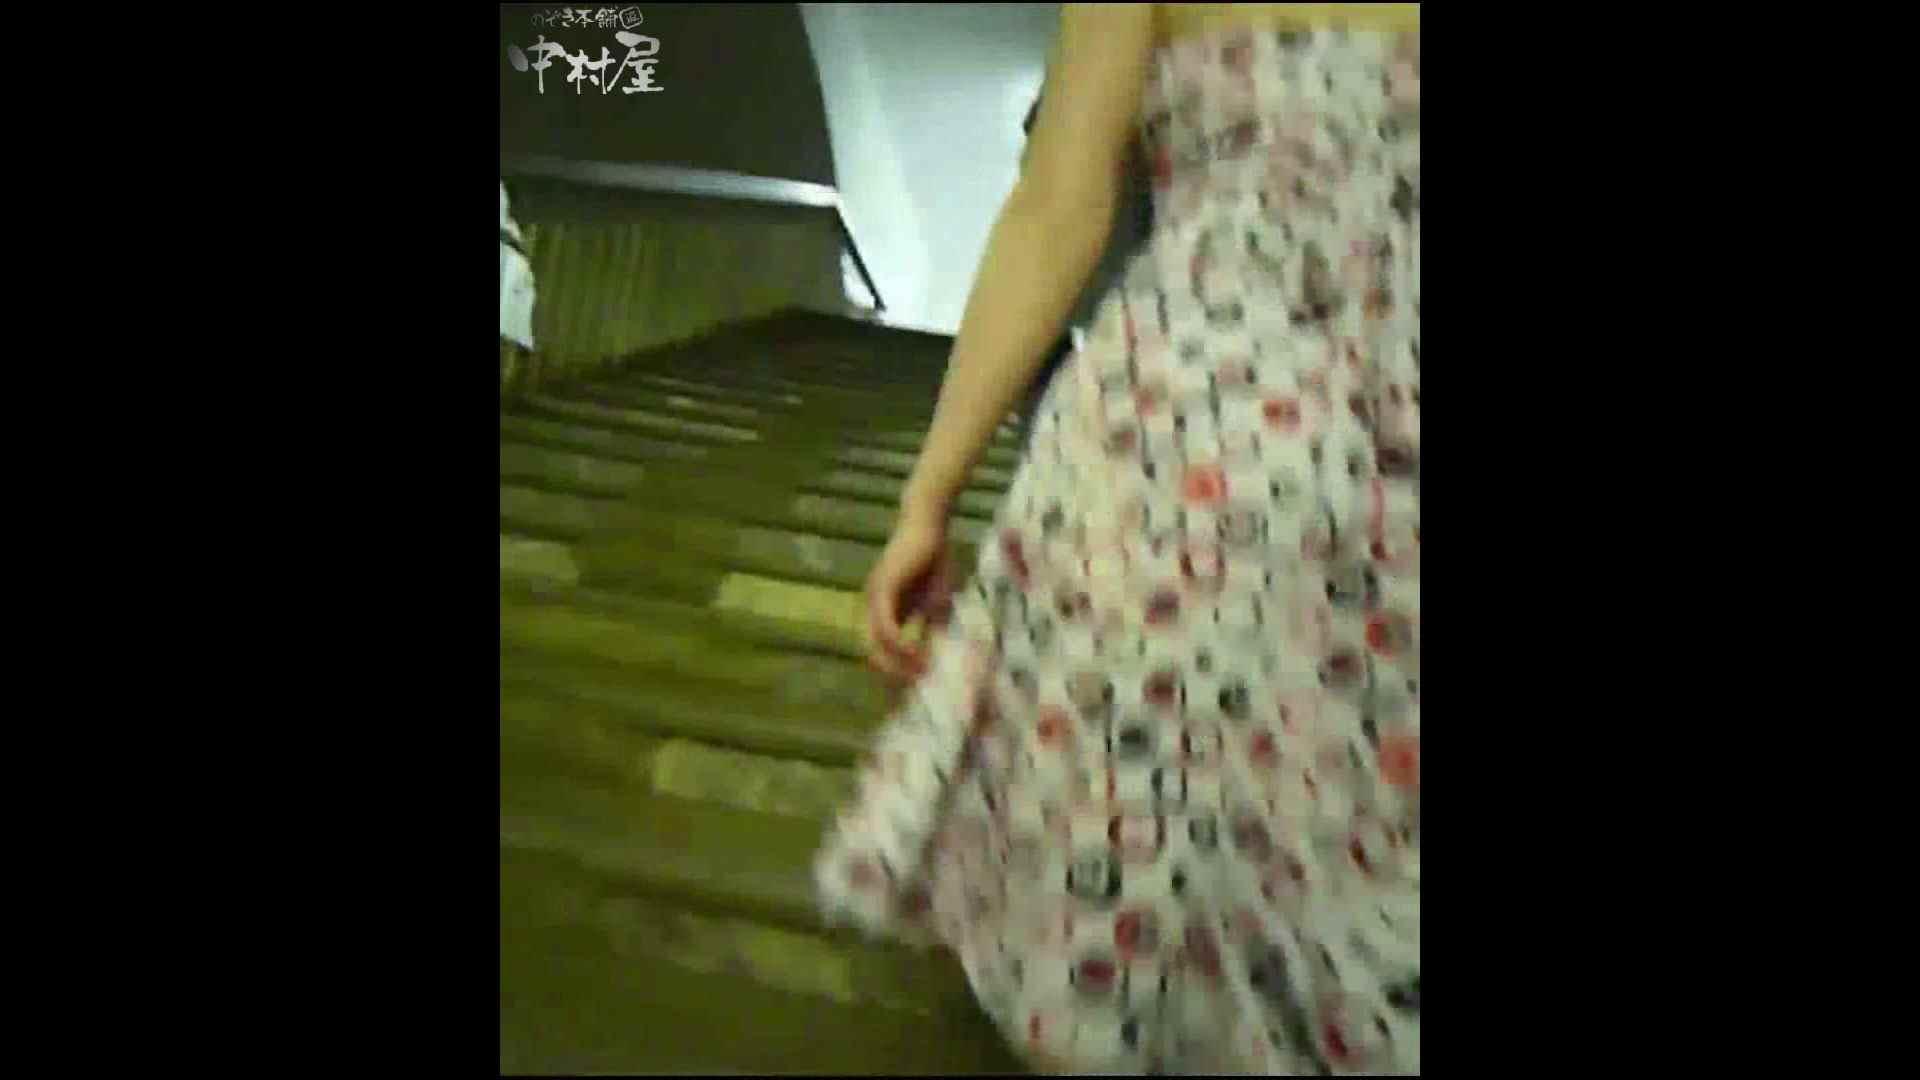 綺麗なモデルさんのスカート捲っちゃおう‼ vol25 Hなお姉さん | モデルヌード  87pic 7